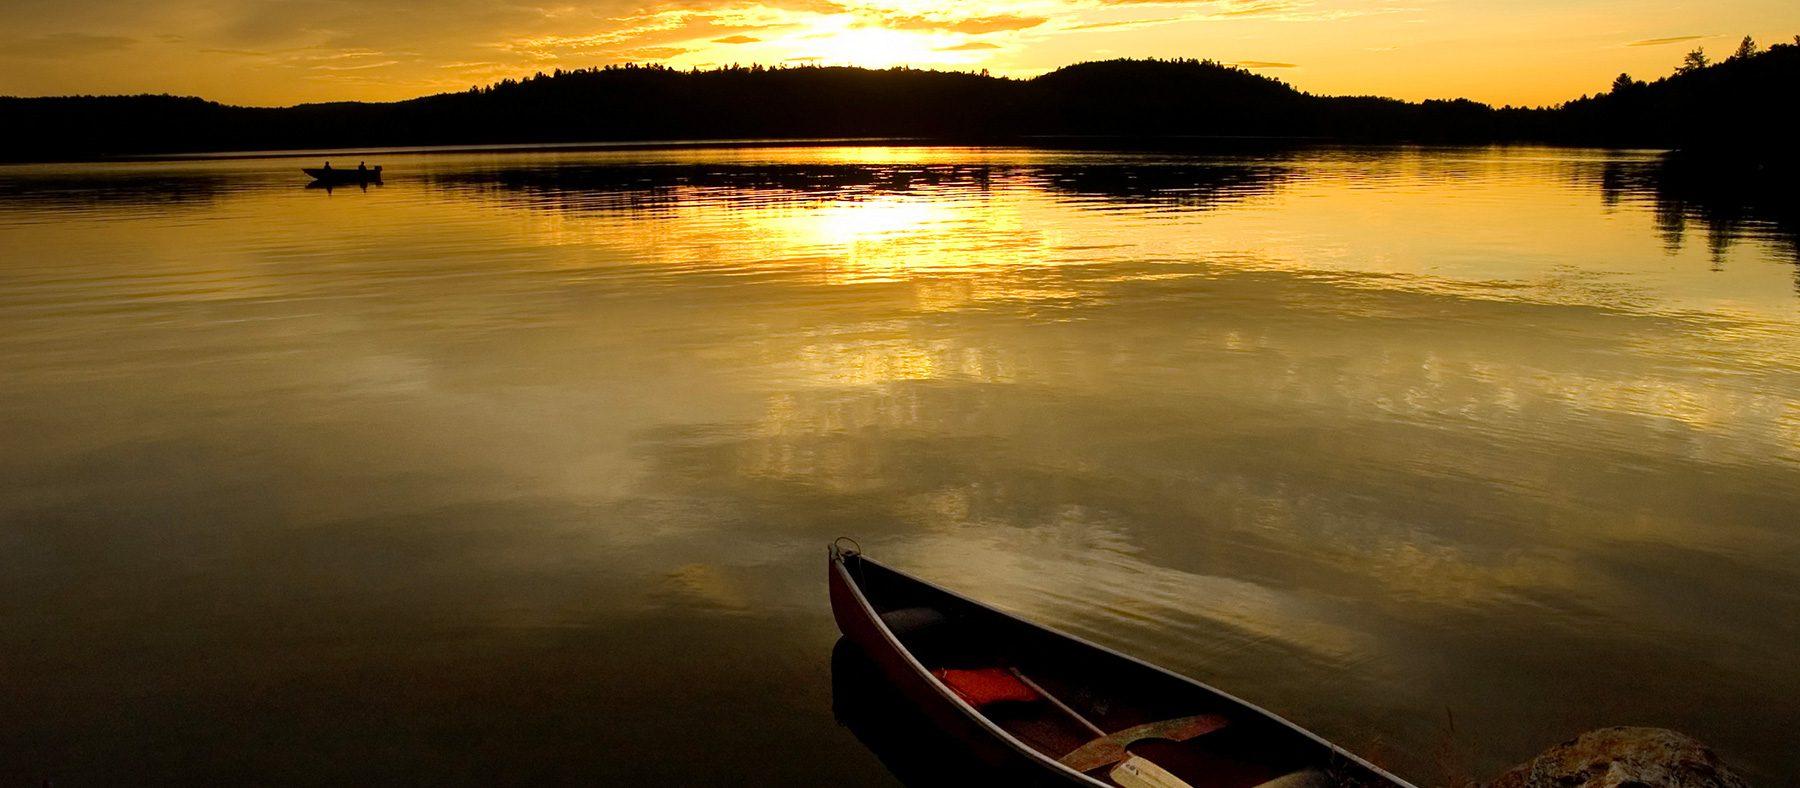 coucher-du-soleil-kayak-pourvoirie-charlevoix-quebec-le-mag